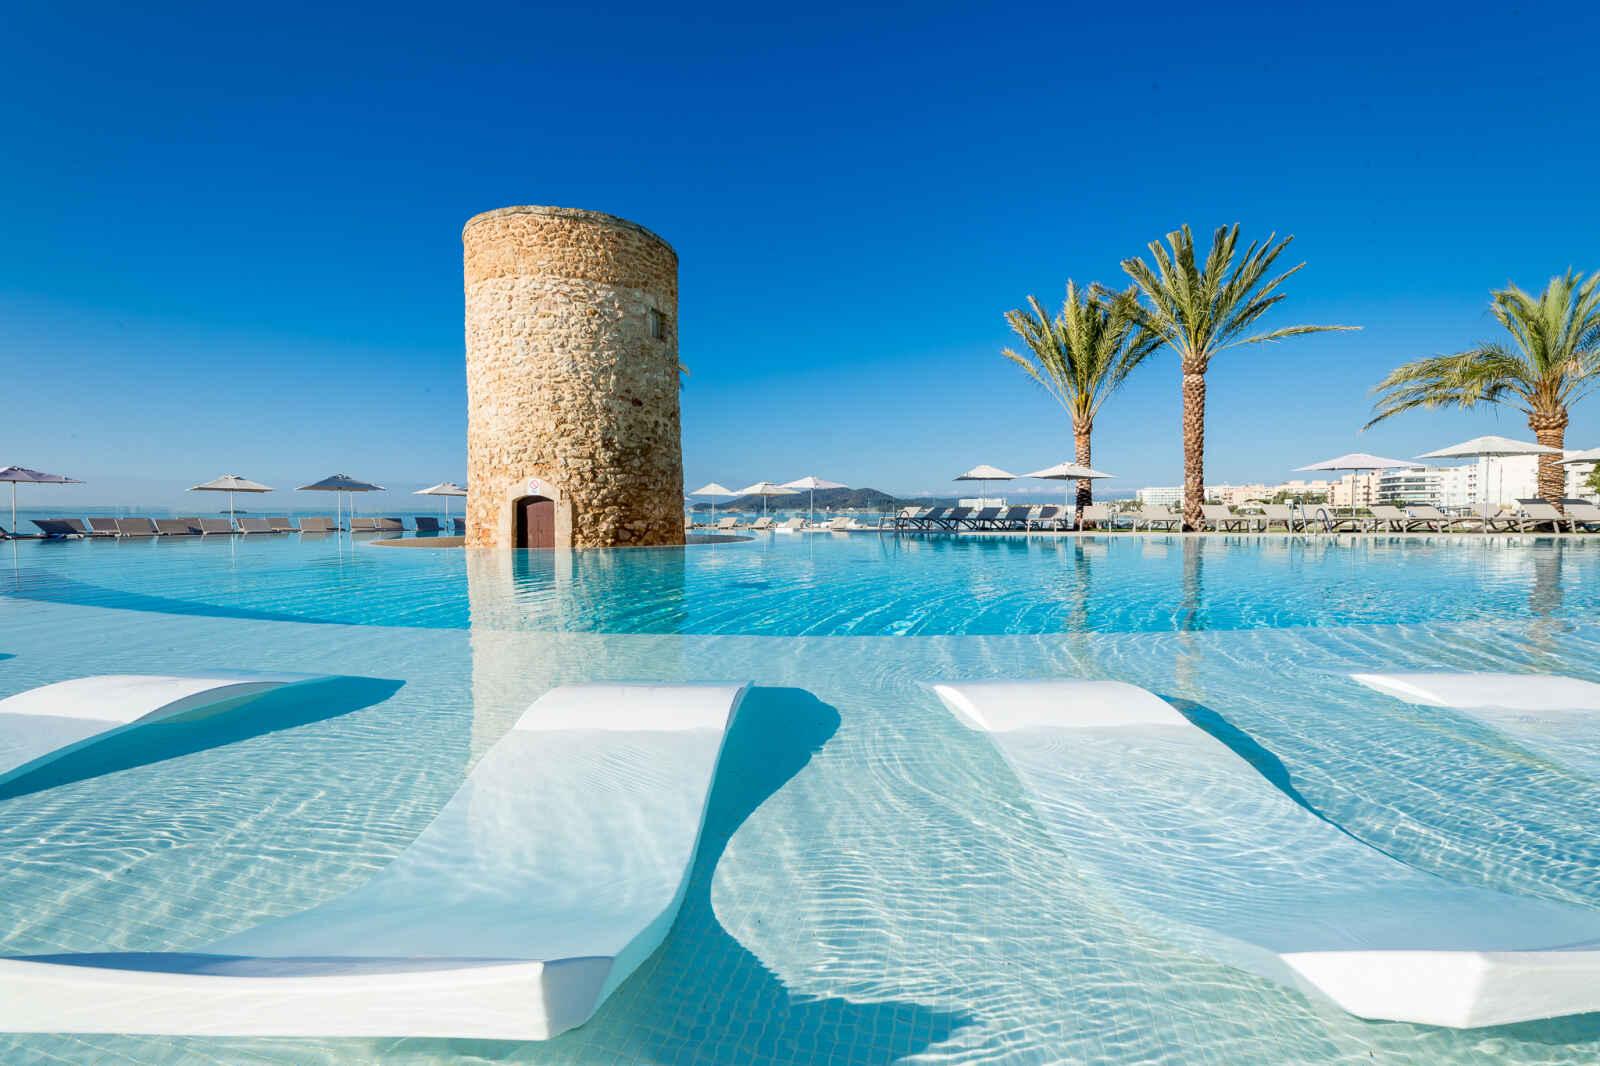 Séjour Palma de Majorque - Torre del Mar - 4.5*